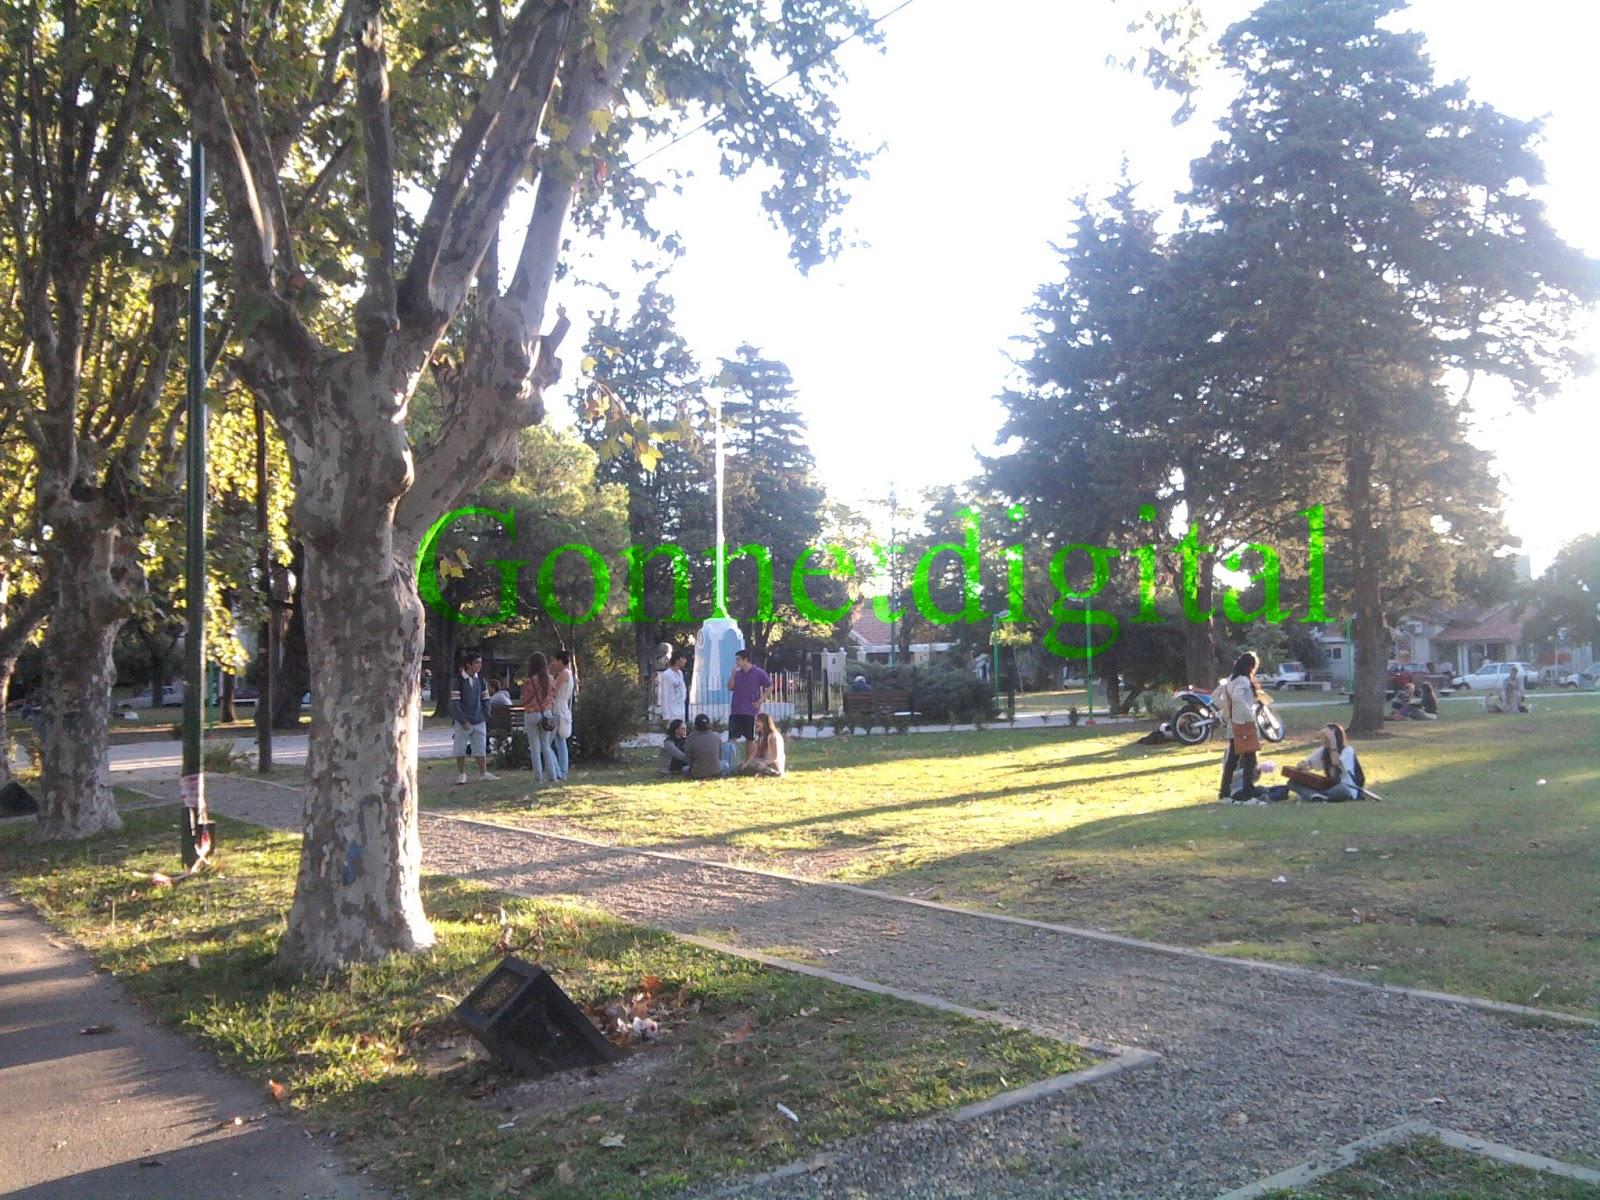 Adesivo De Parede Infantil Barato ~ GonnetDigital Primer diario digital de la zona norte de La Plata City Bell Se viene el